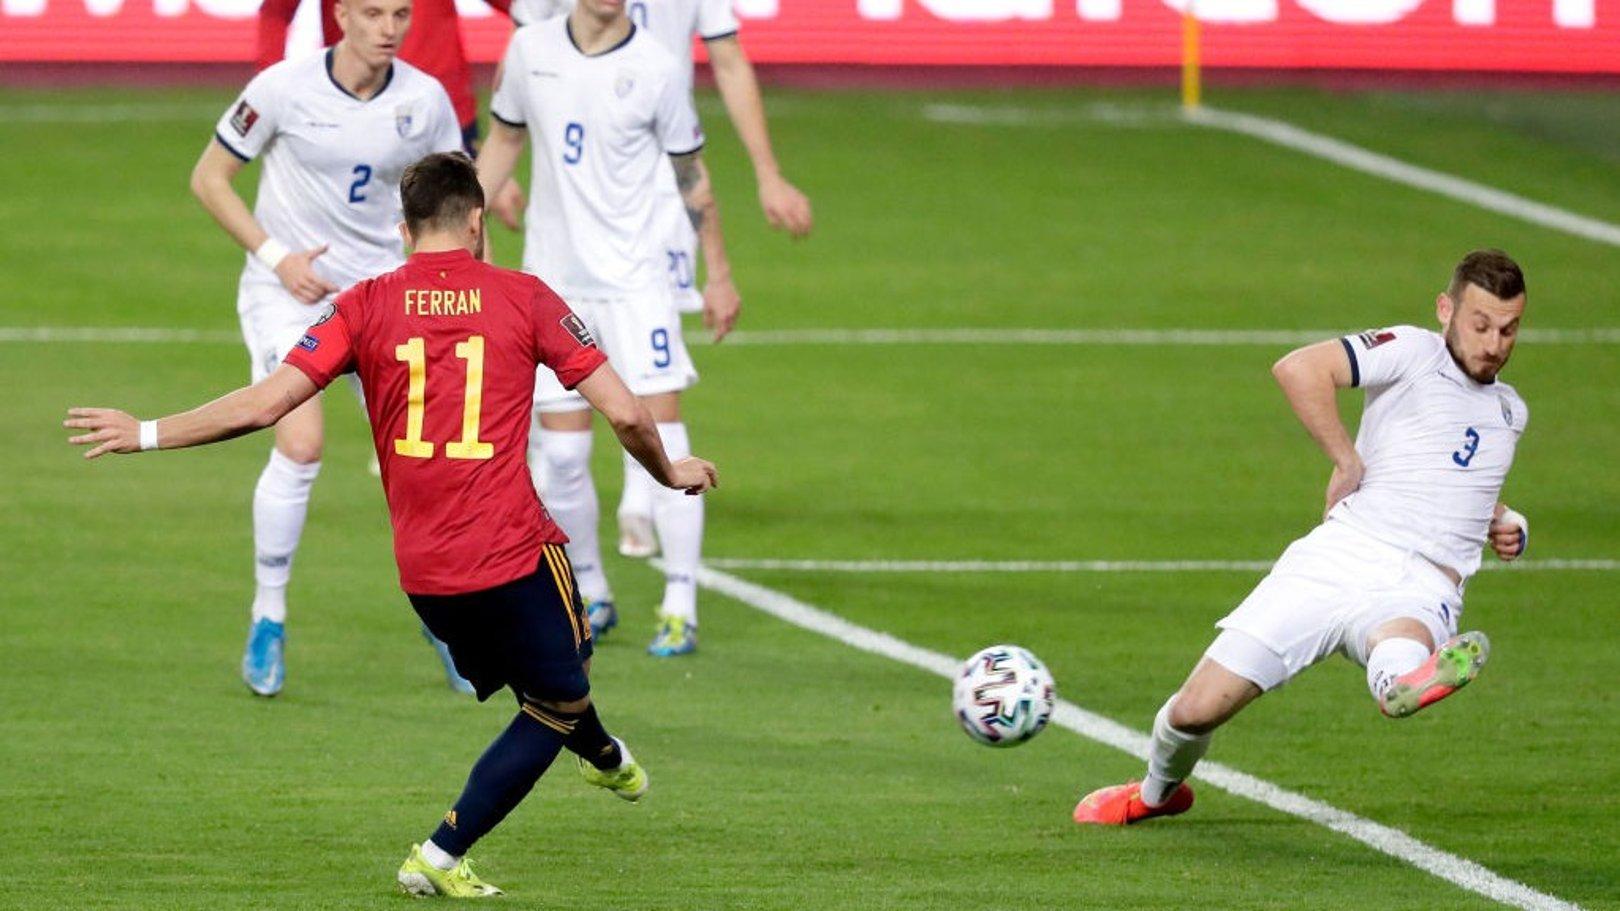 Gol de Ferrán Torres leva a Espanha ao topo do Grupo B